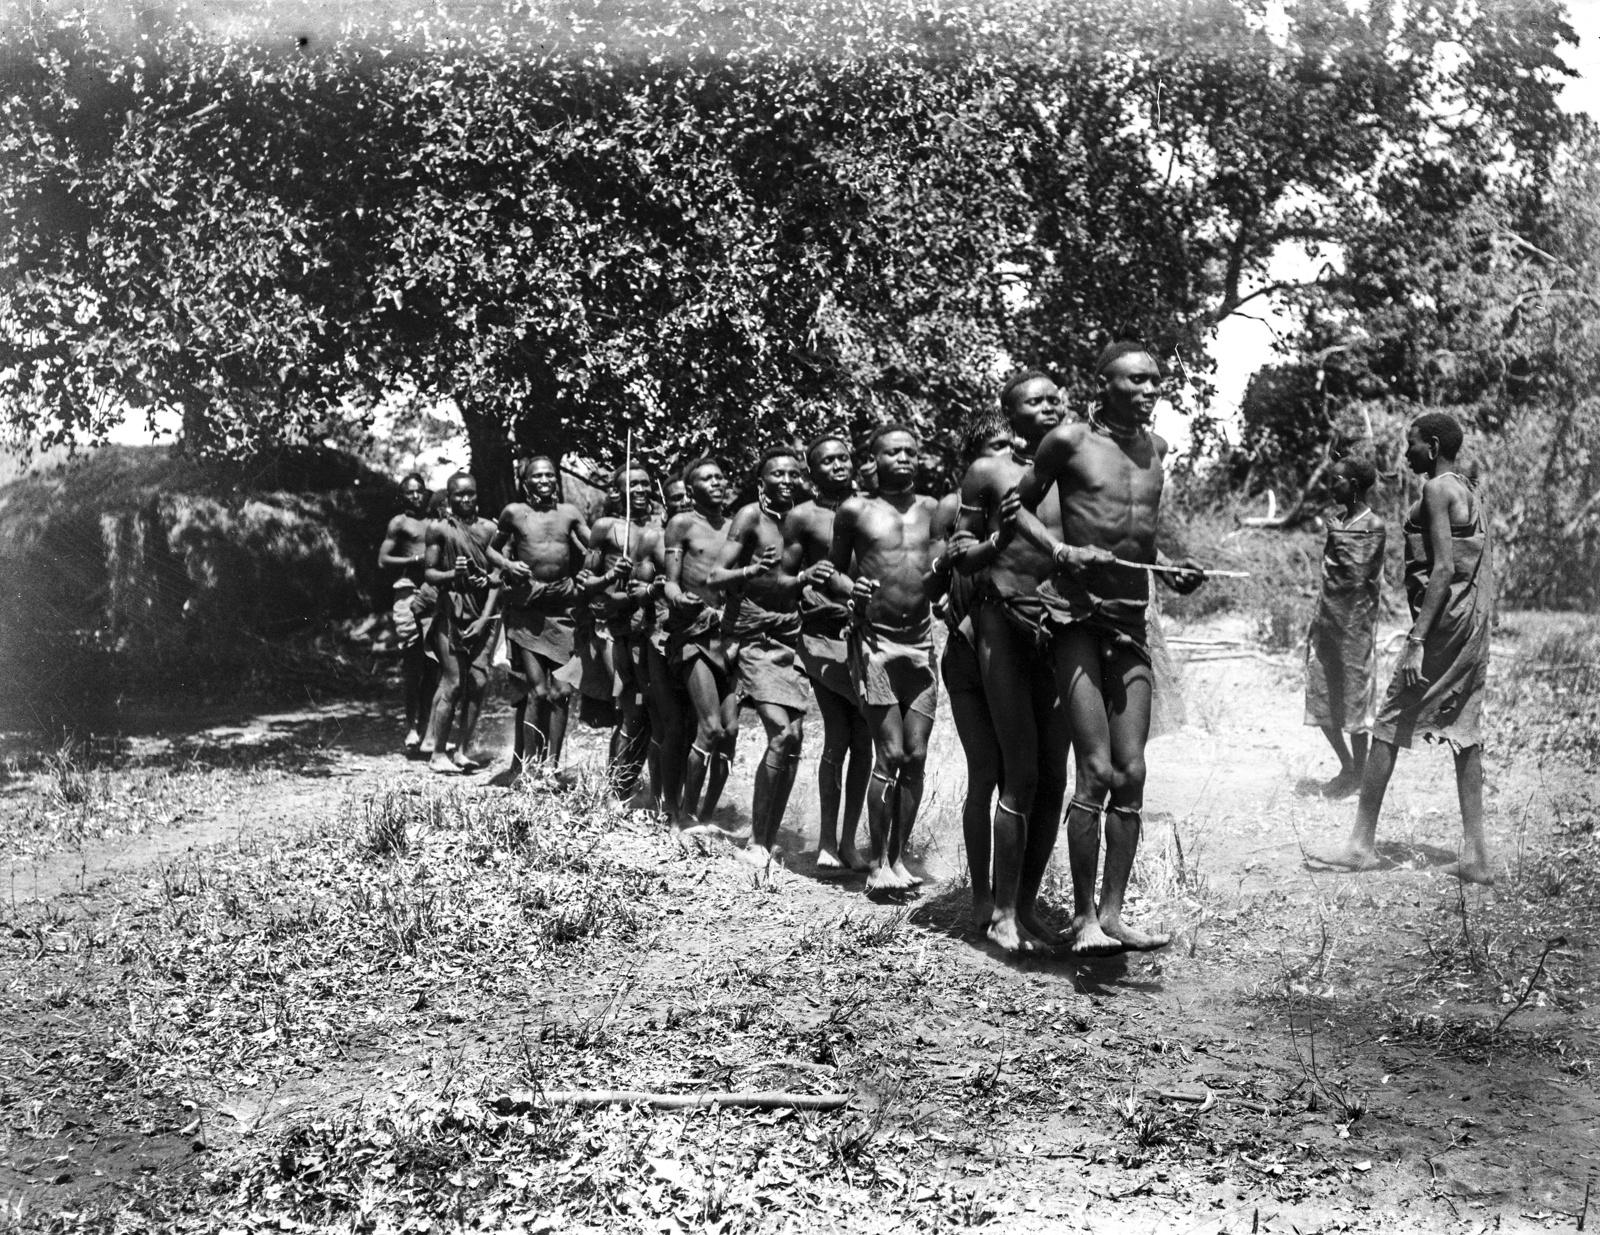 06. Группа людей басонжо во время танца у лагеря Ндалалани. Танцоры прыгают на два фута высотой, вытянув тела